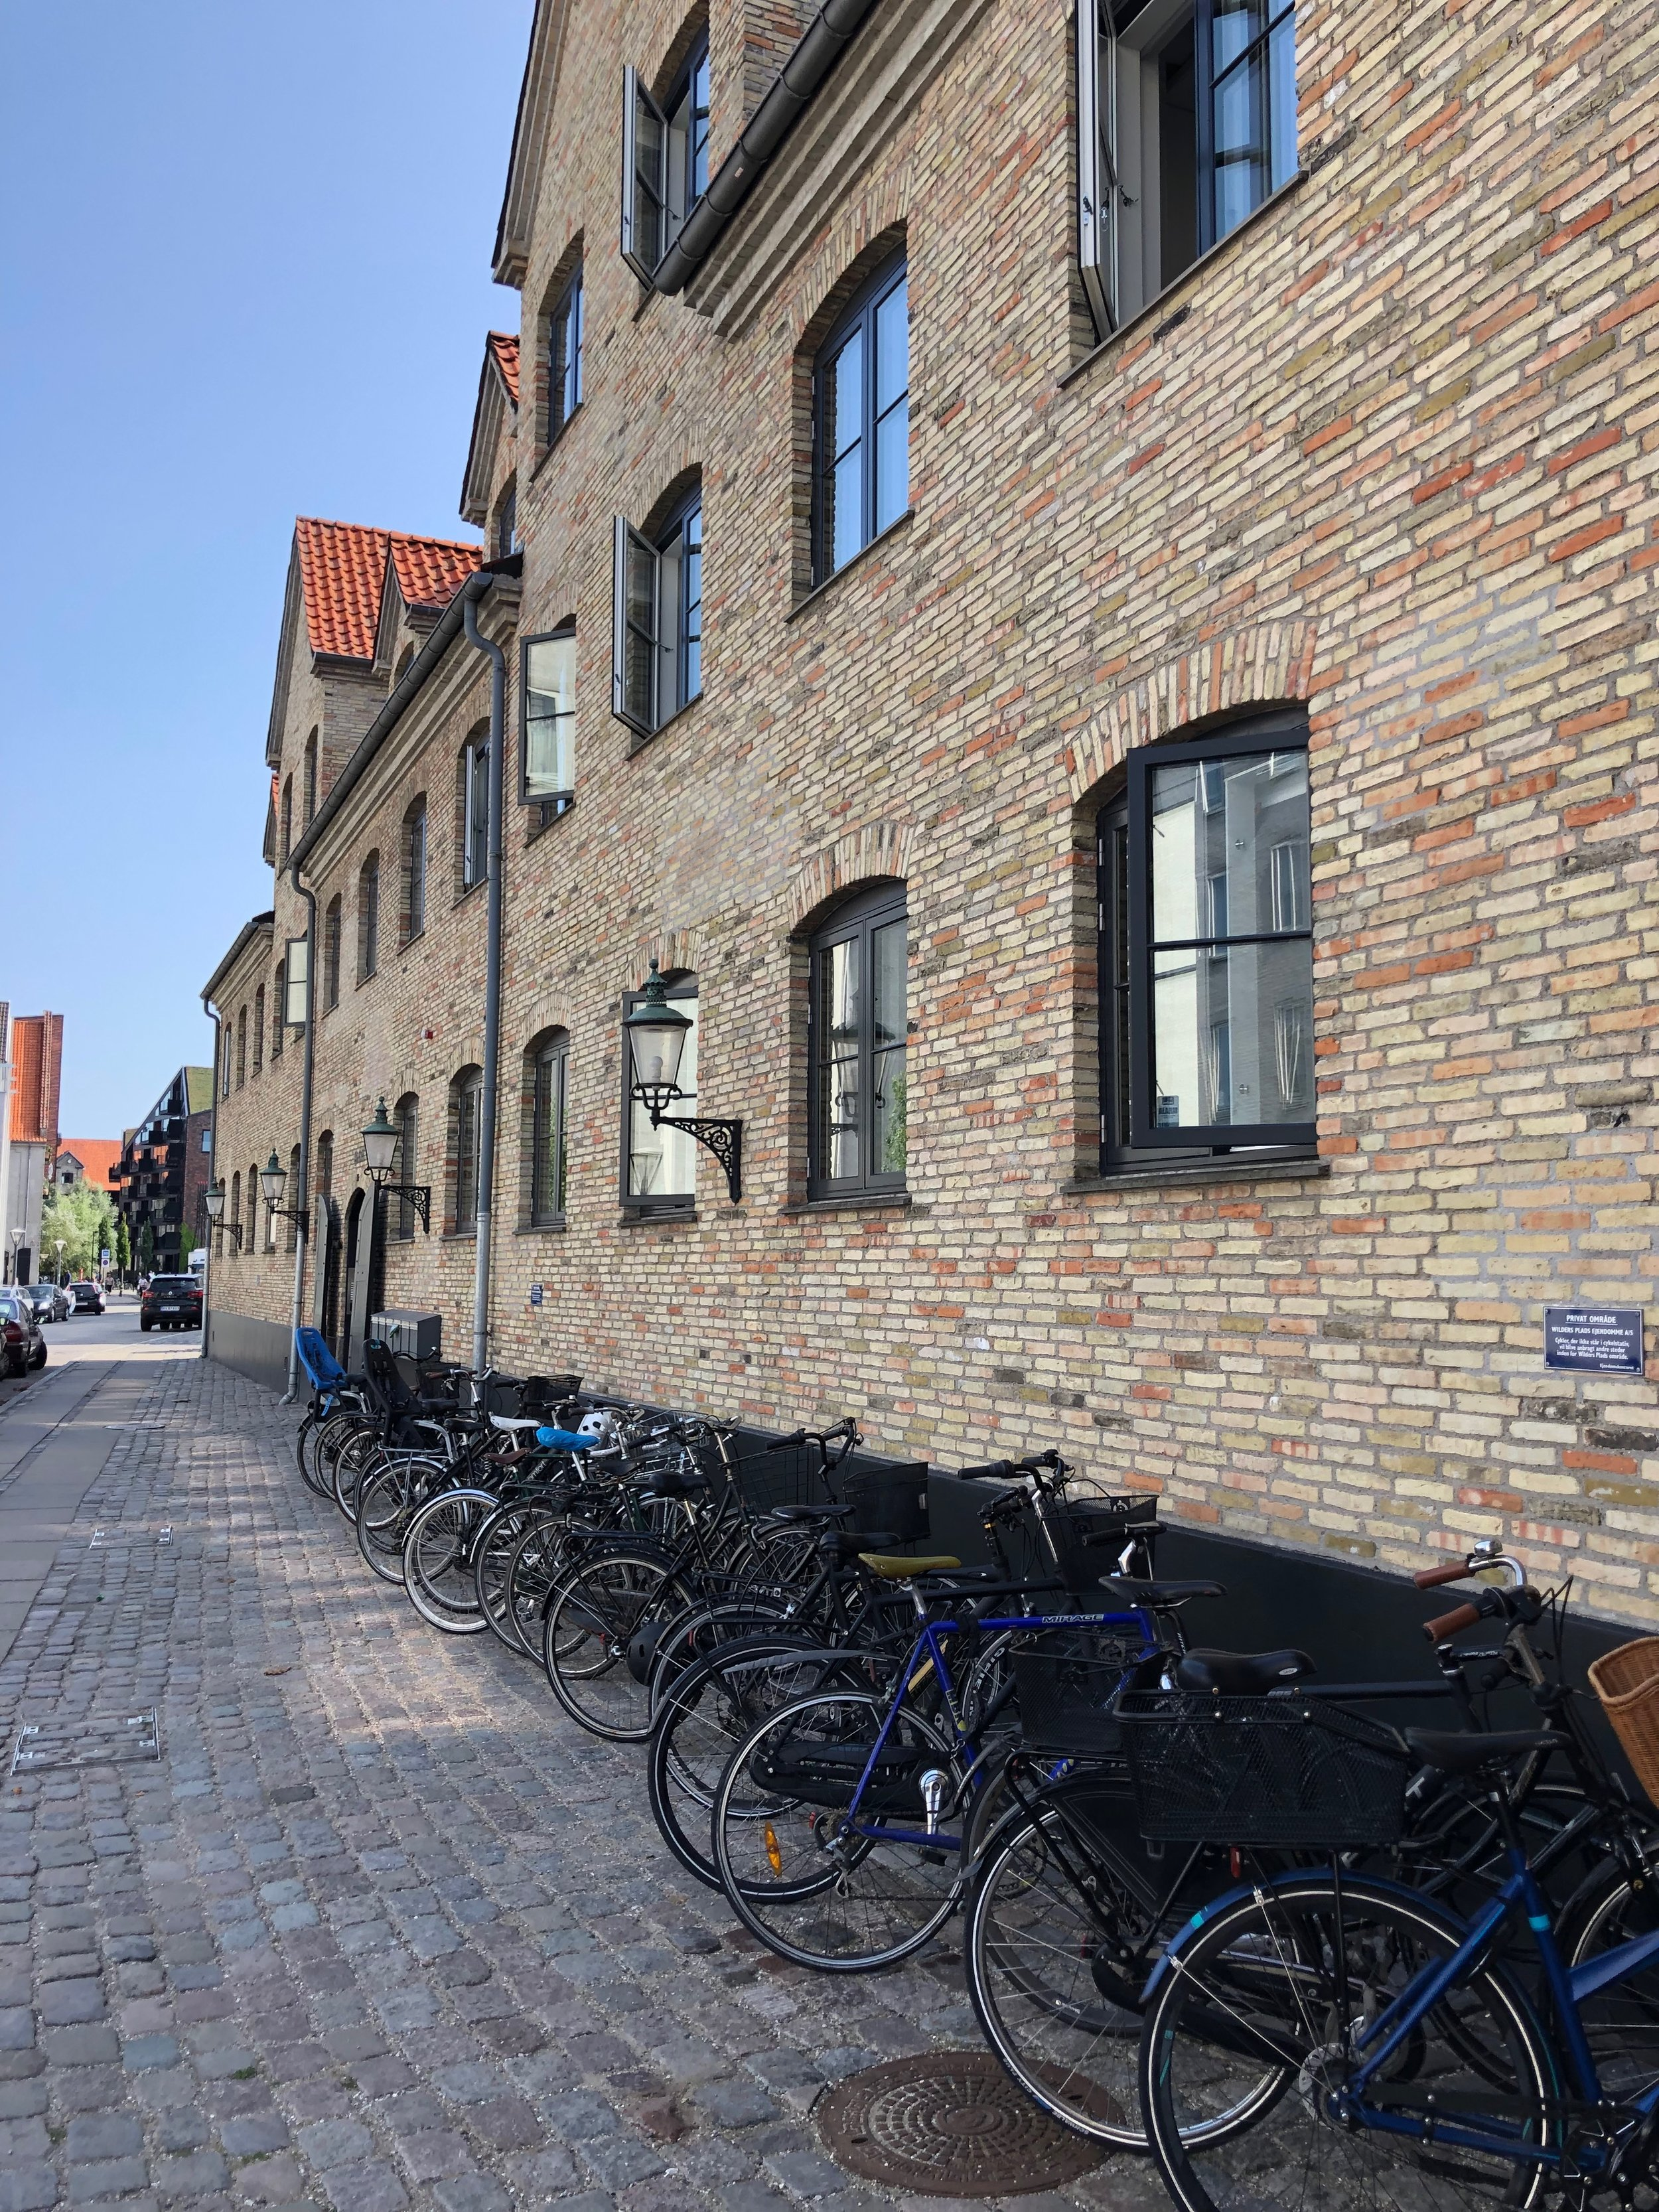 Biking is the way locals get around Copenhagen